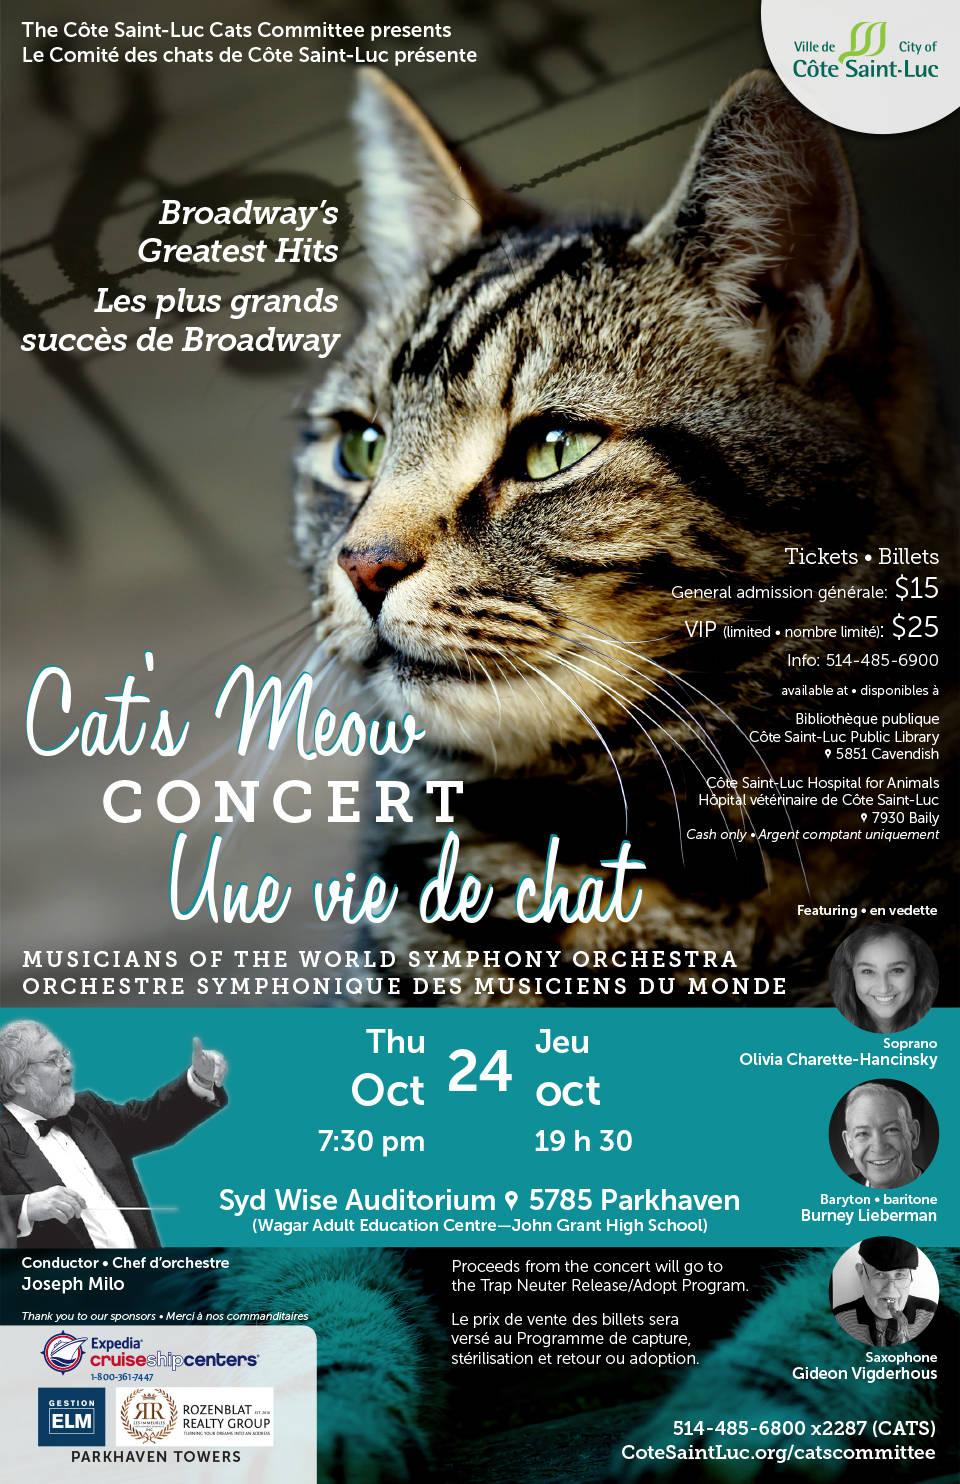 Concert une vie de chat le jeudi 24 octobre à 19 h 30. Billets : 514 485-5900